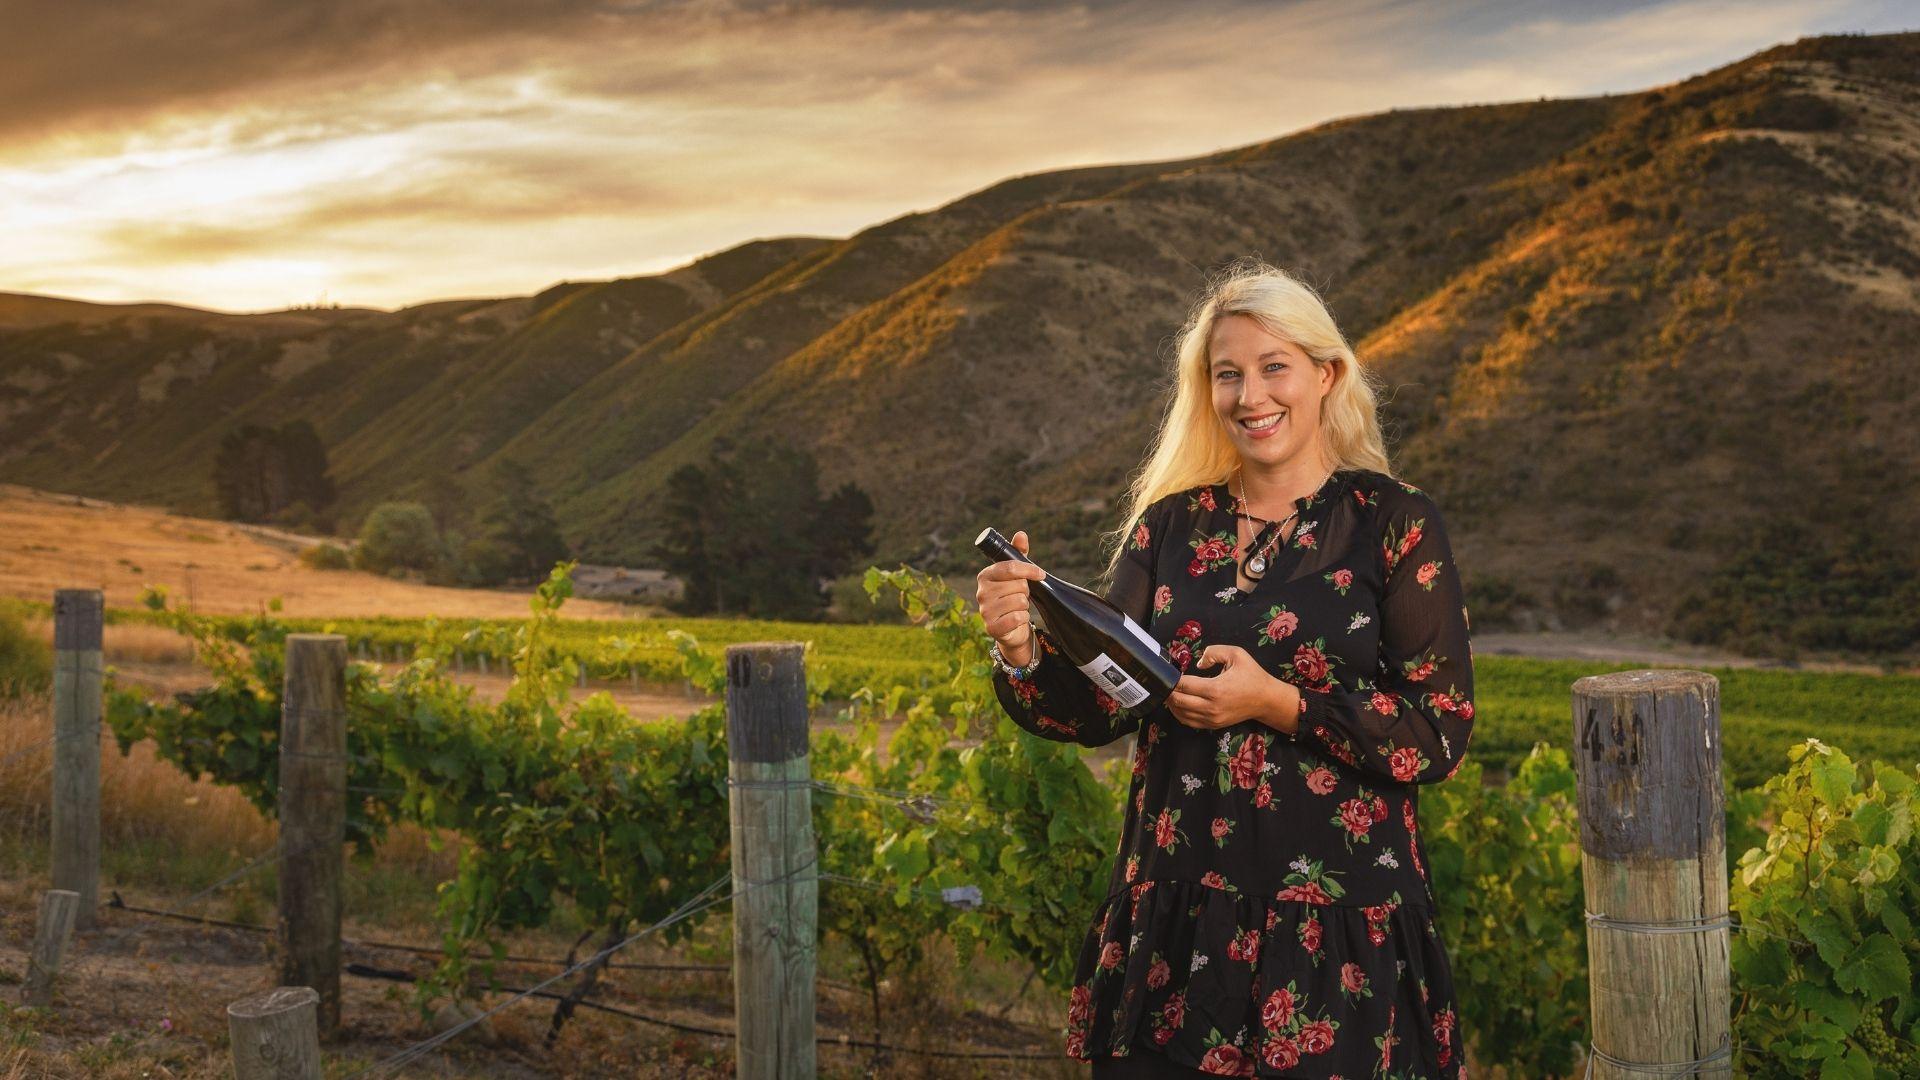 Xero Winegrower TYBF Scholarships